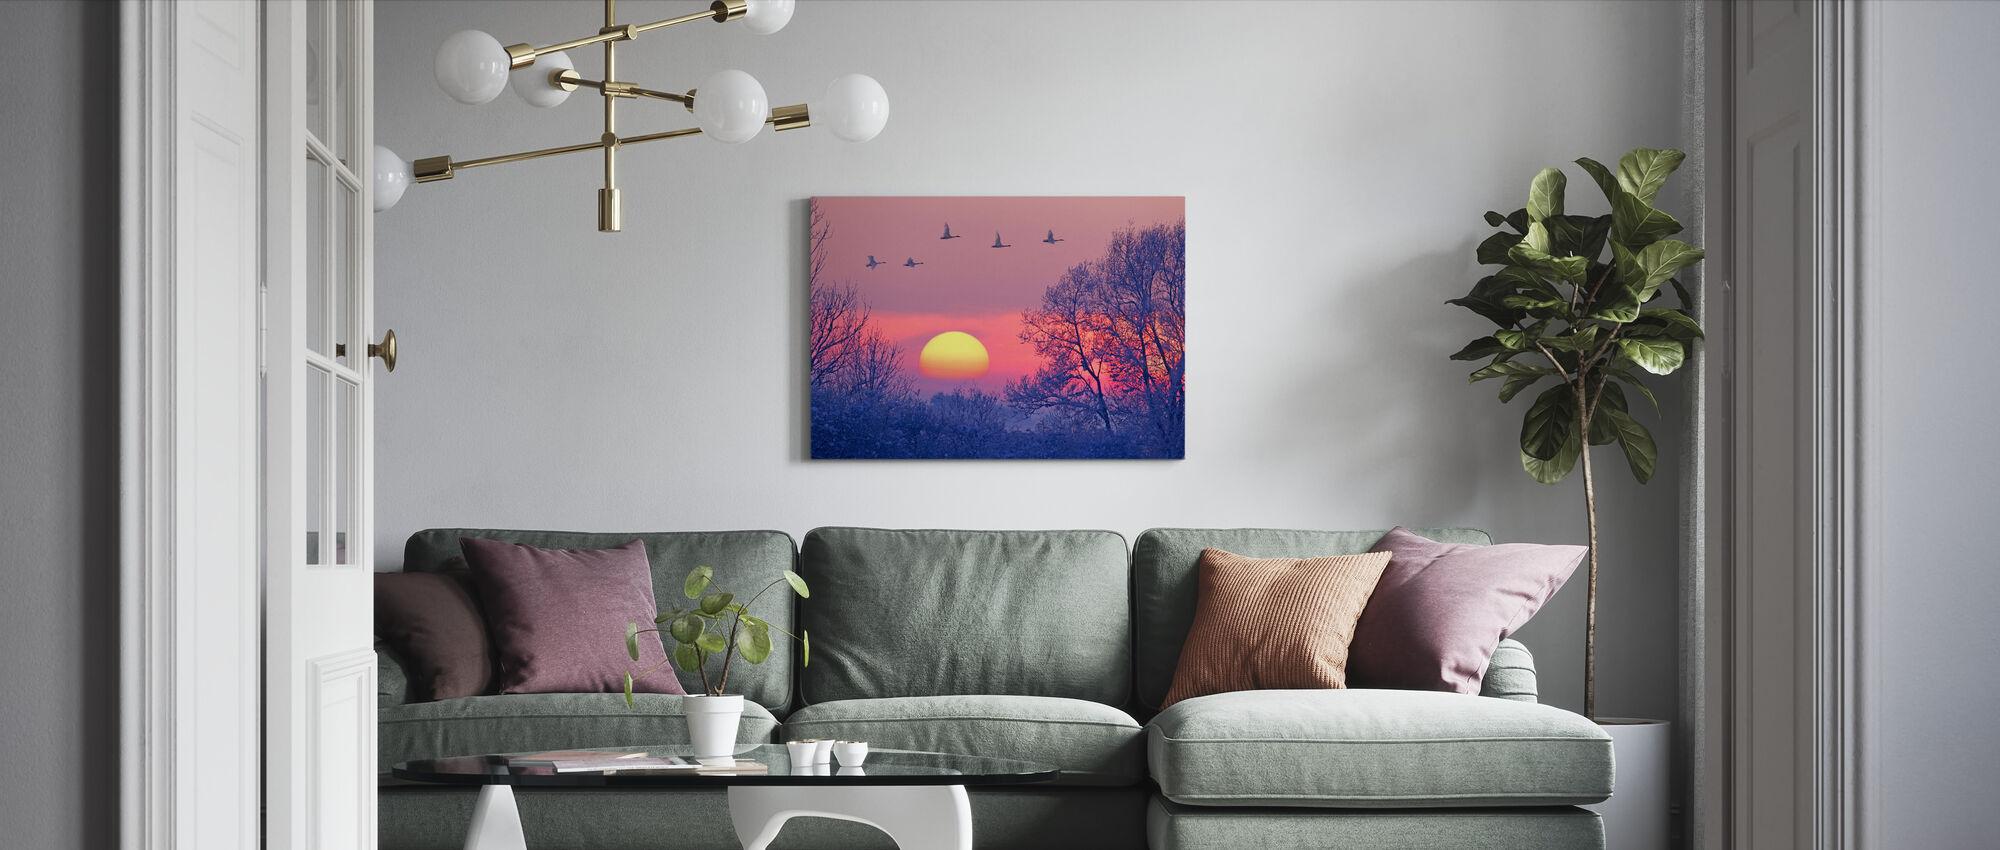 Svaner i skumringen - Lerretsbilde - Stue